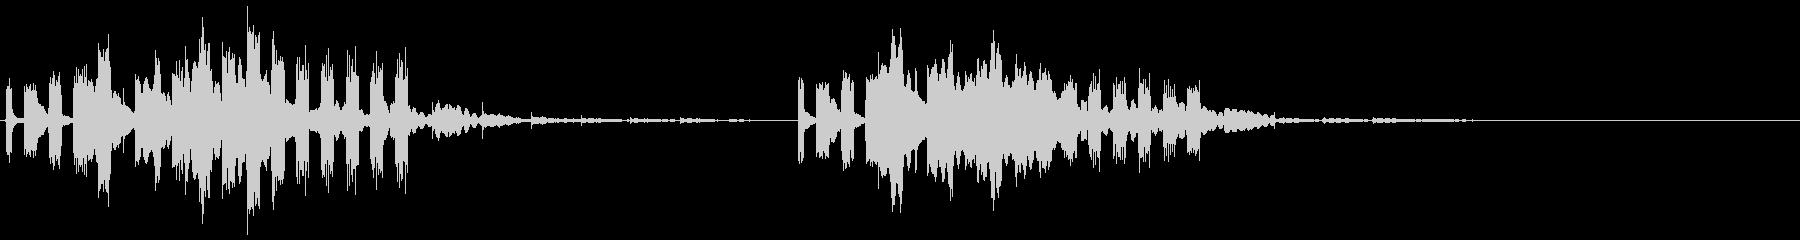 近未来的アラーム音2の未再生の波形